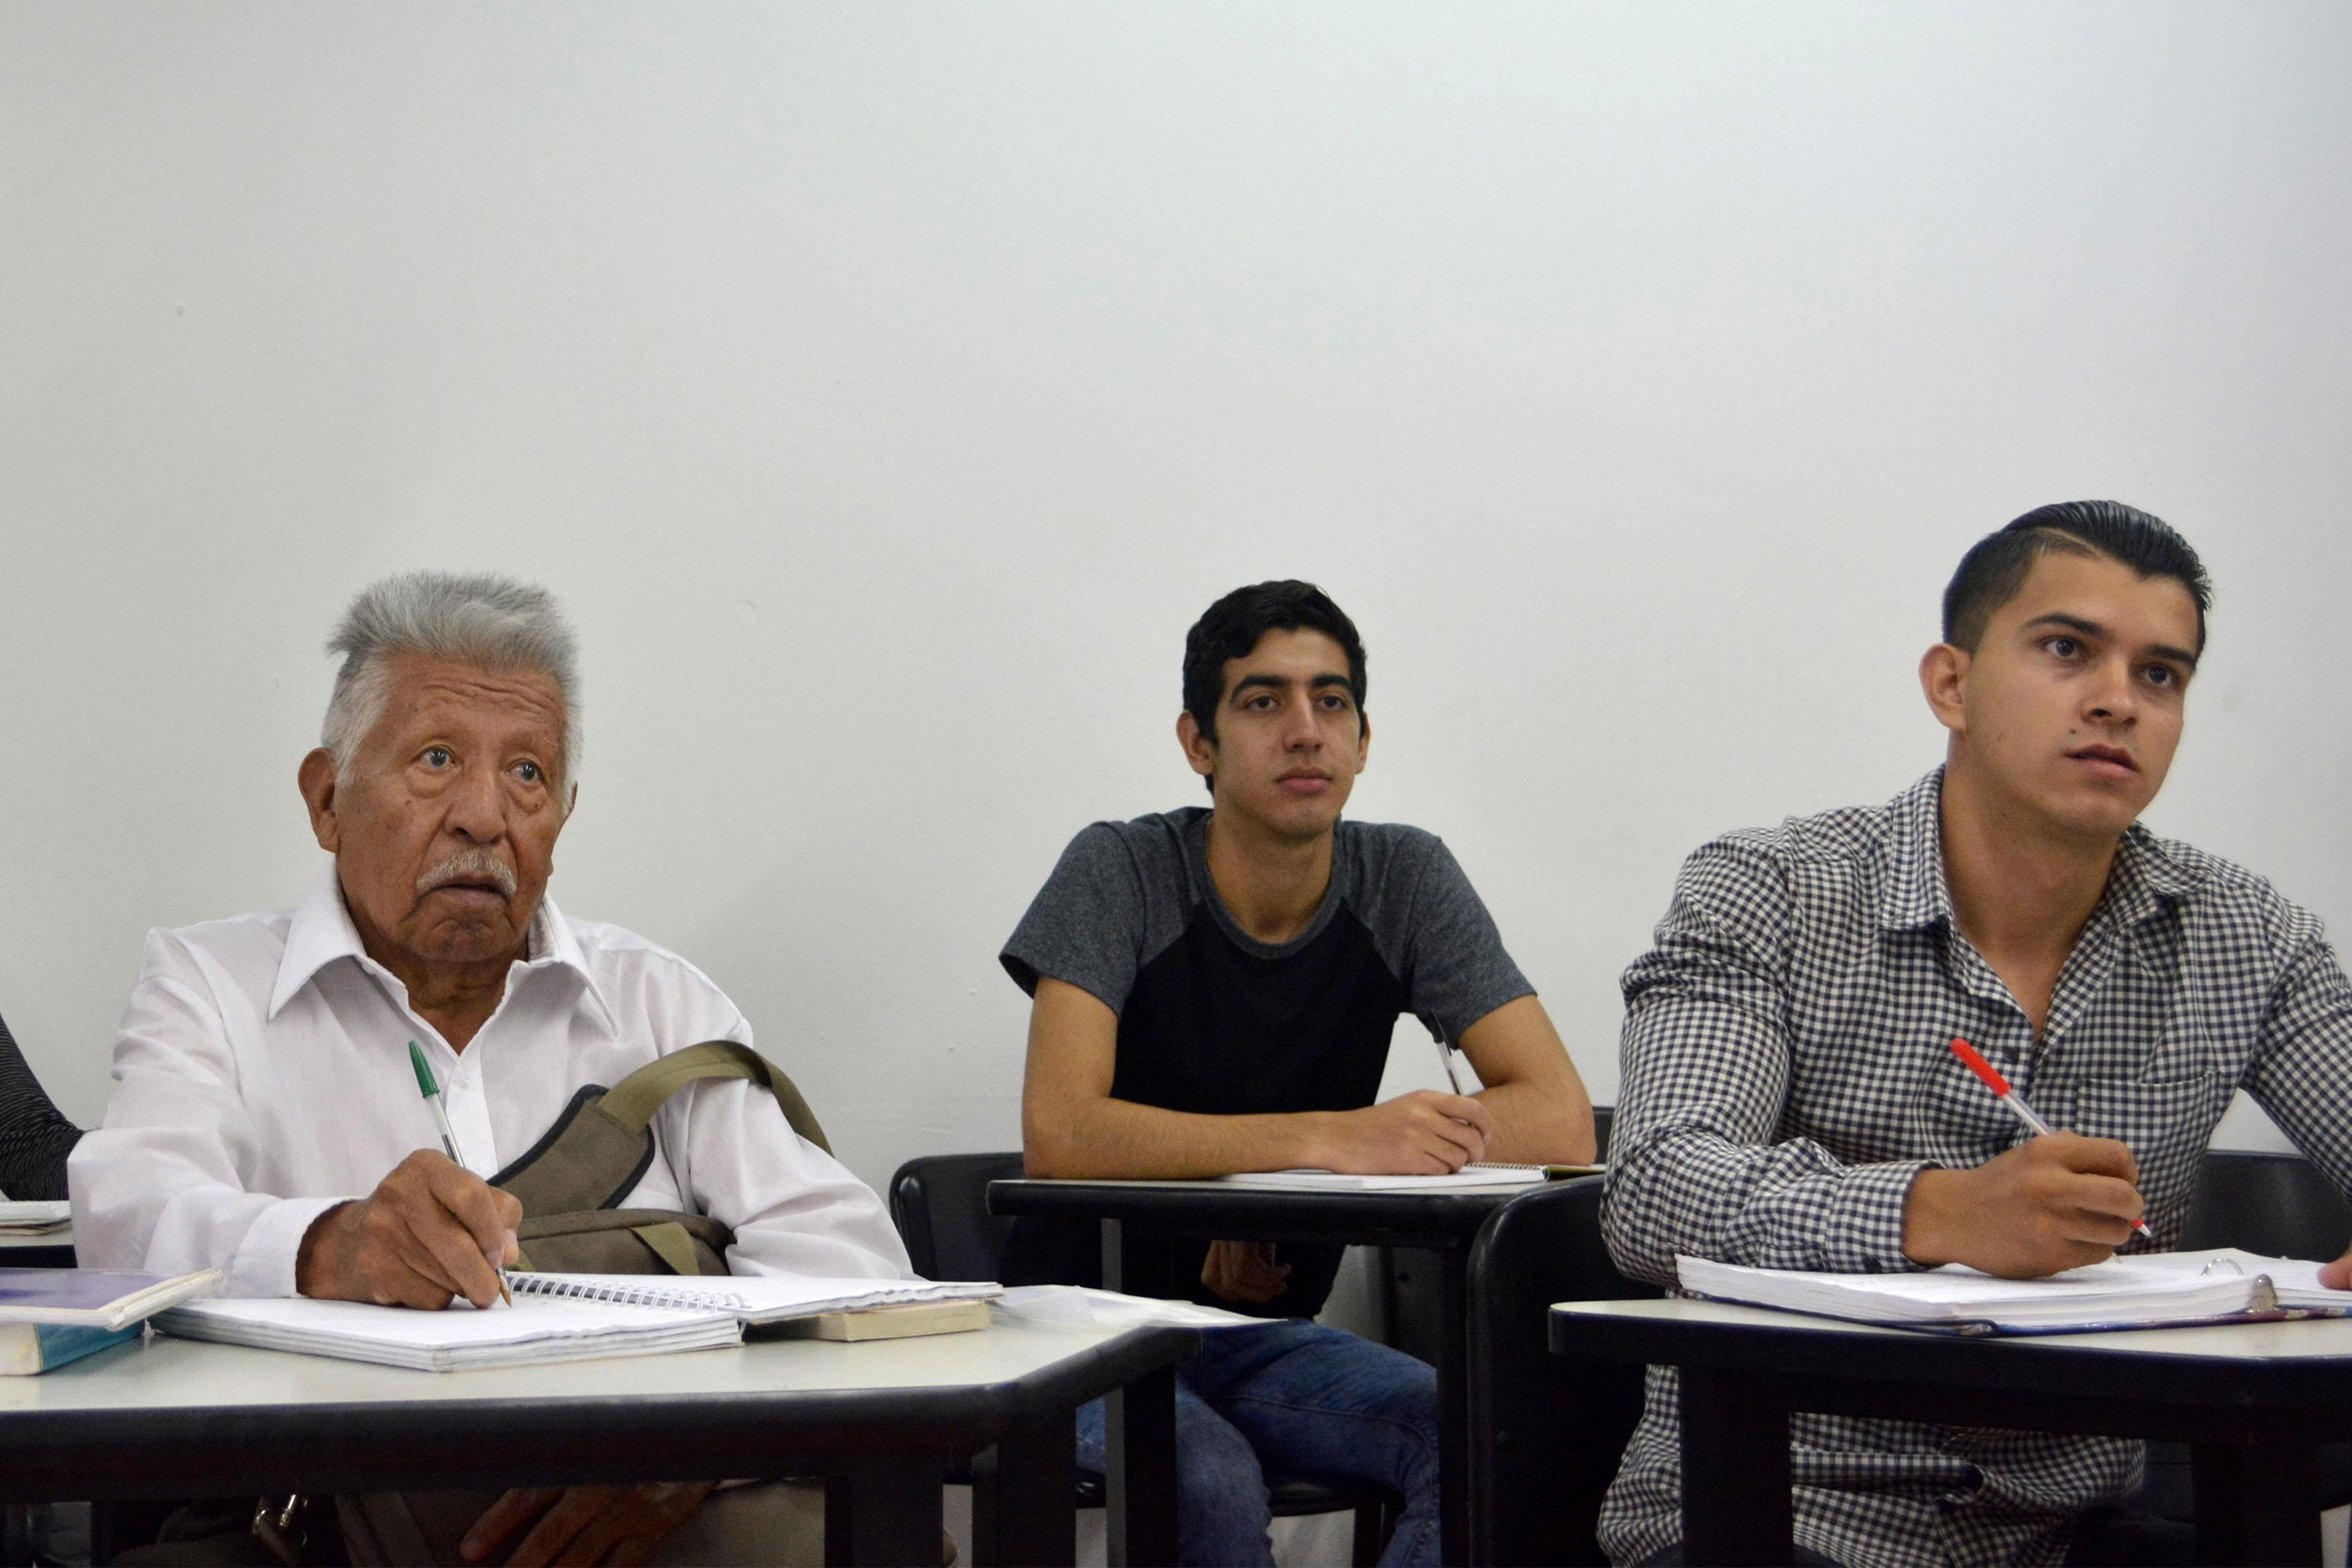 José Mejía Peralta estudiante longevo de la carrera de abogado, tomando notas, durante inicio de clases en la UdeG